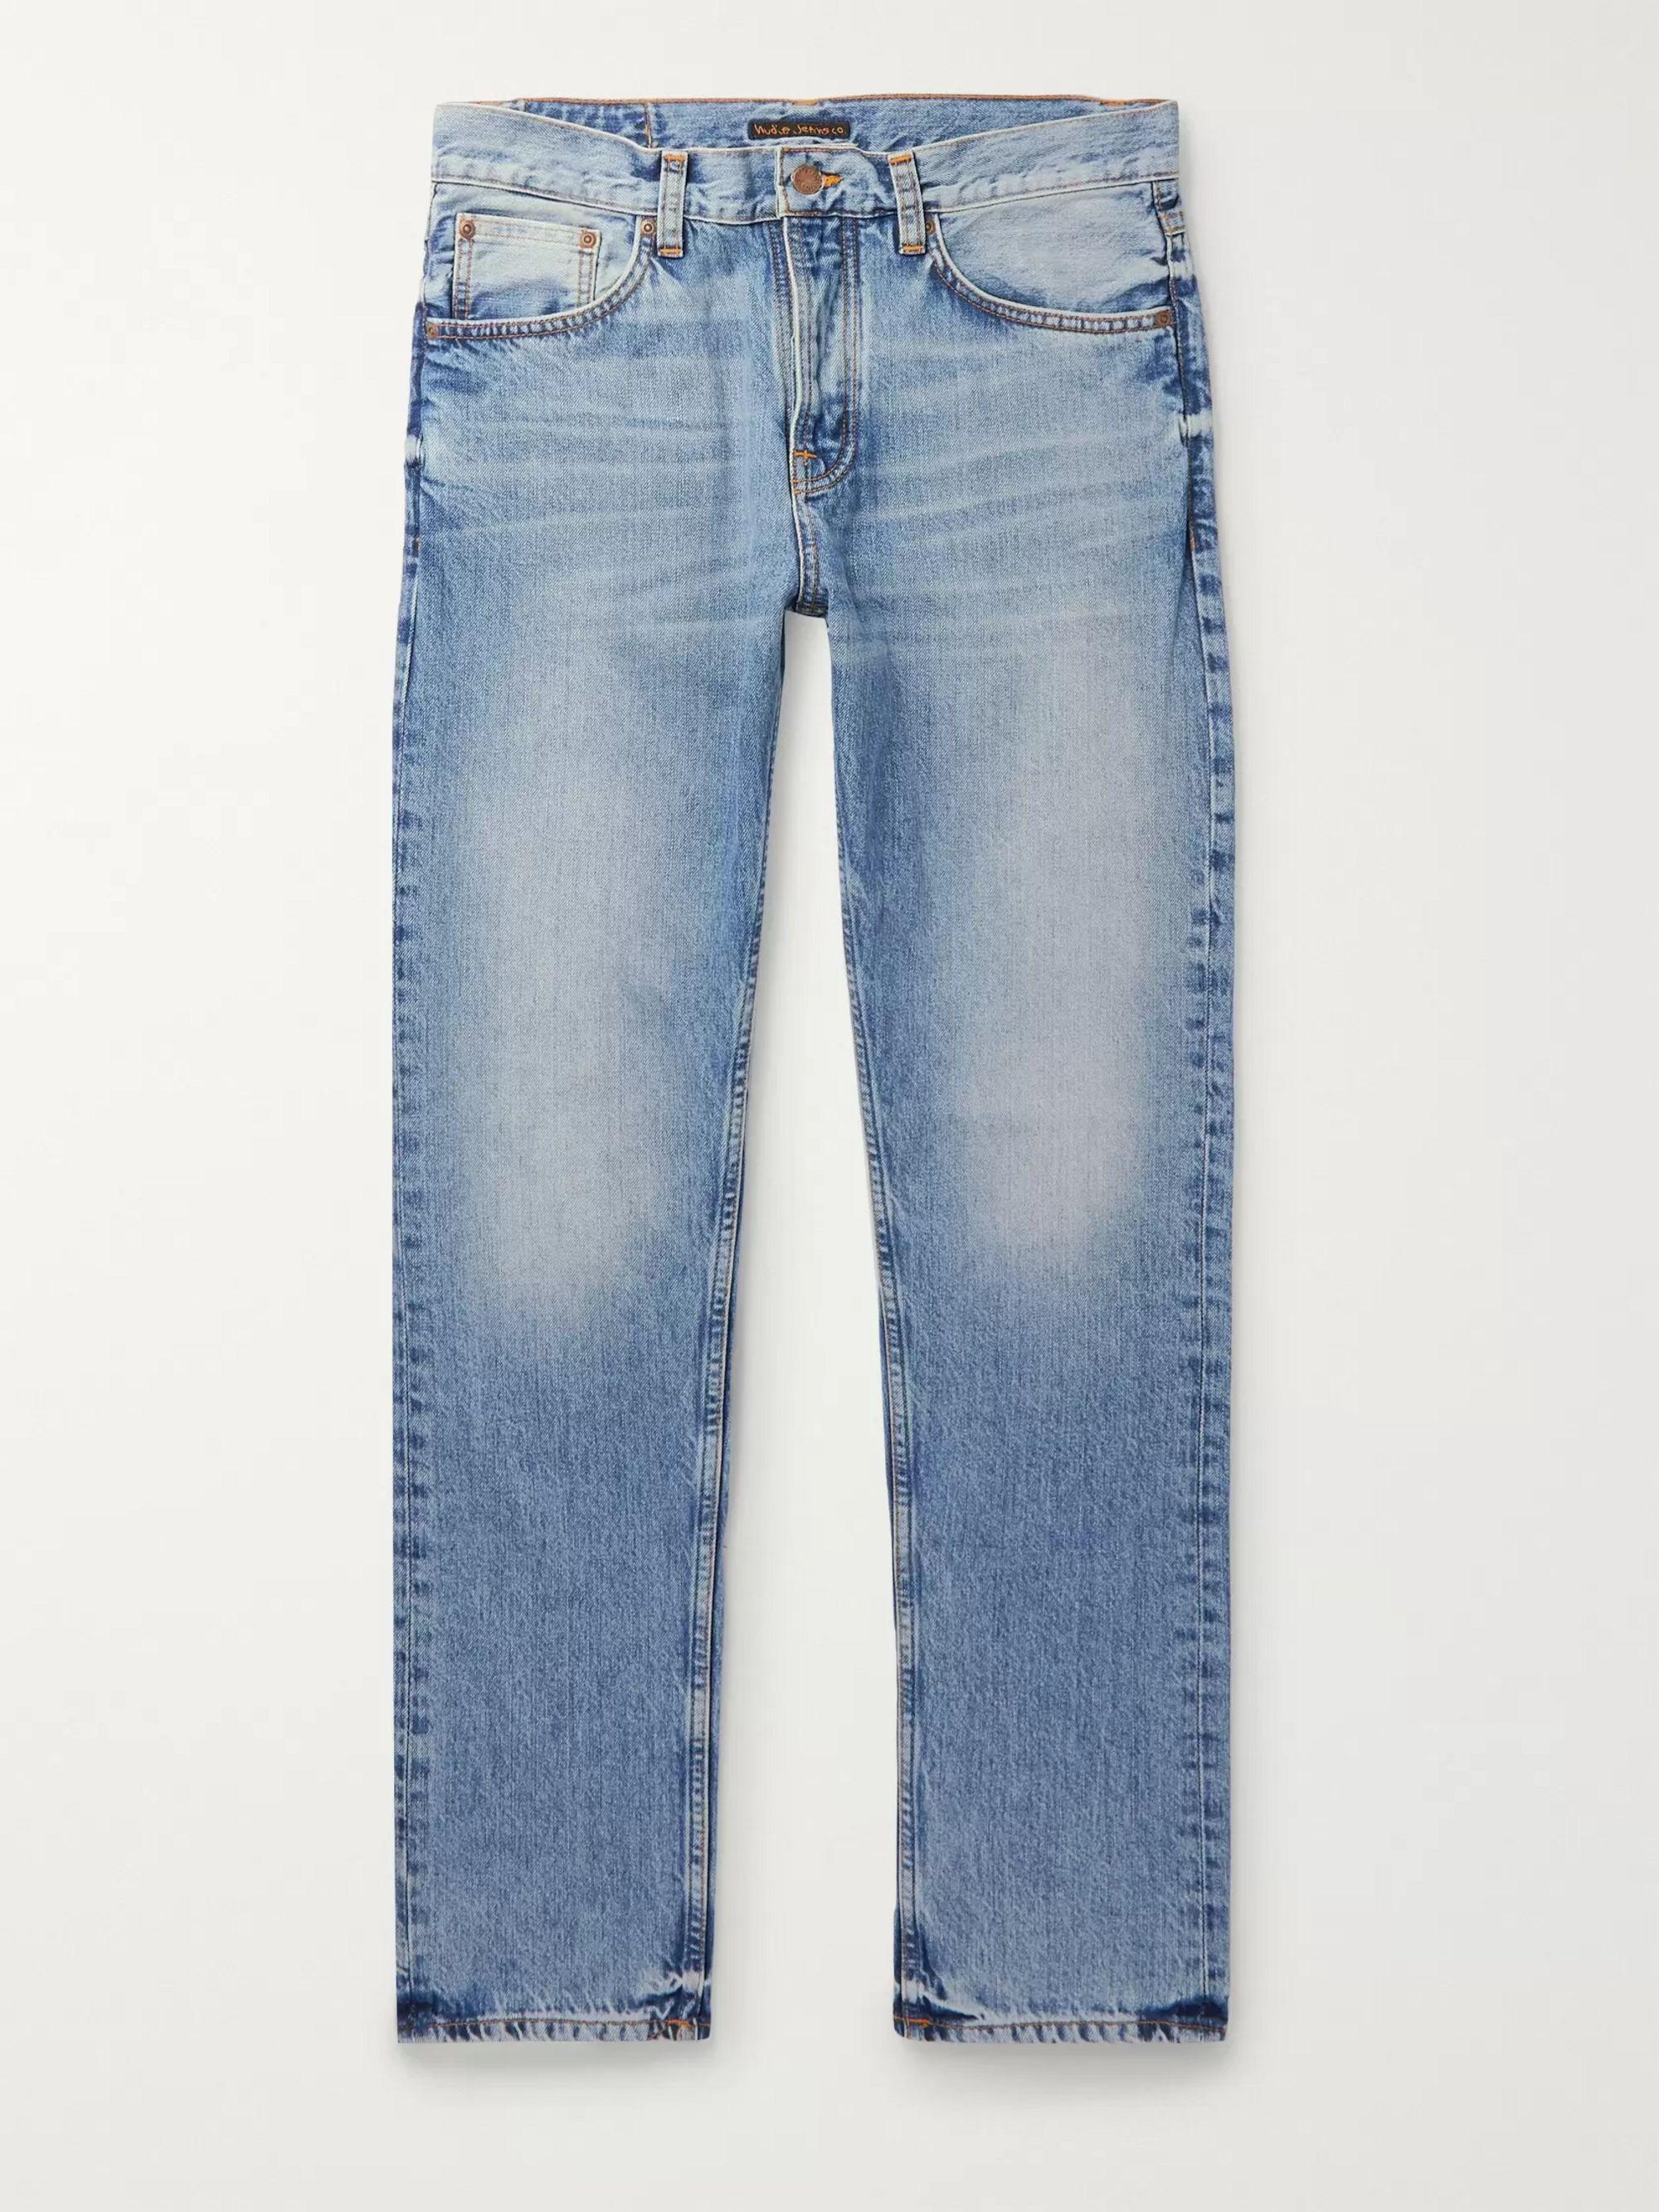 Nudie Jeans Blue Steady Eddie II Slim-Fit Organic Denim Jeans,Blue